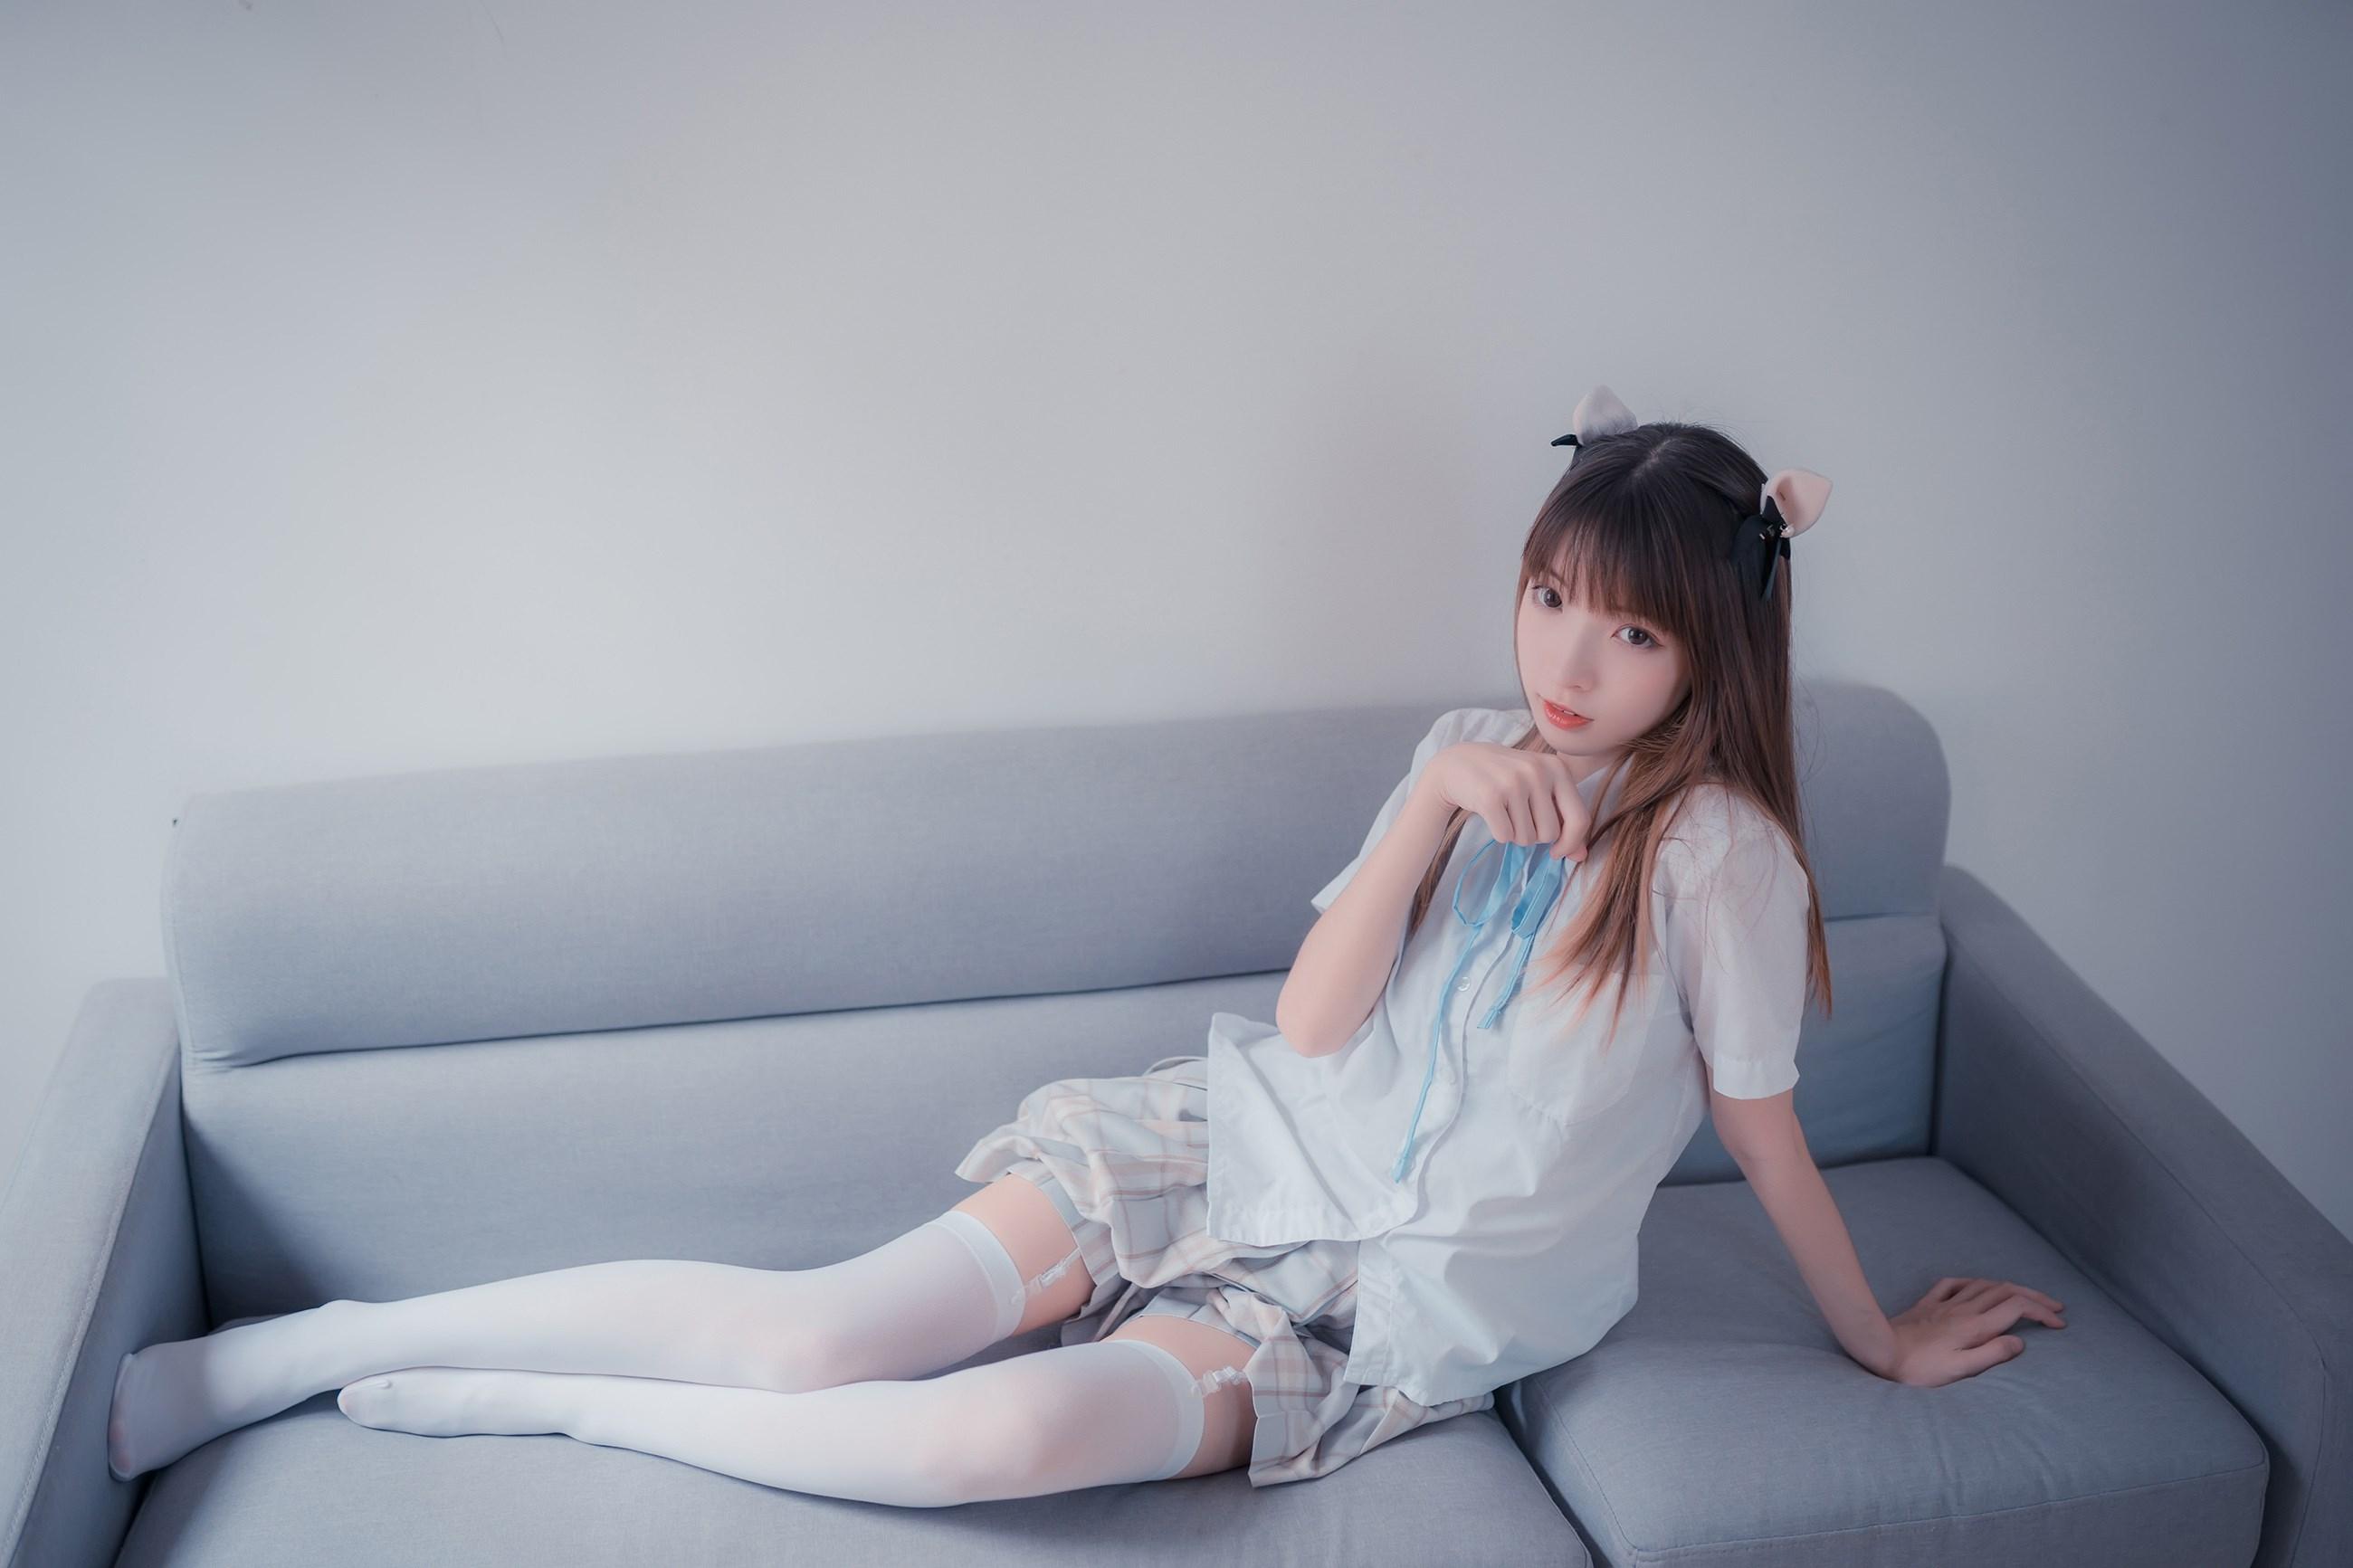 【兔玩映画】沙发上的JK少女 兔玩映画 第34张